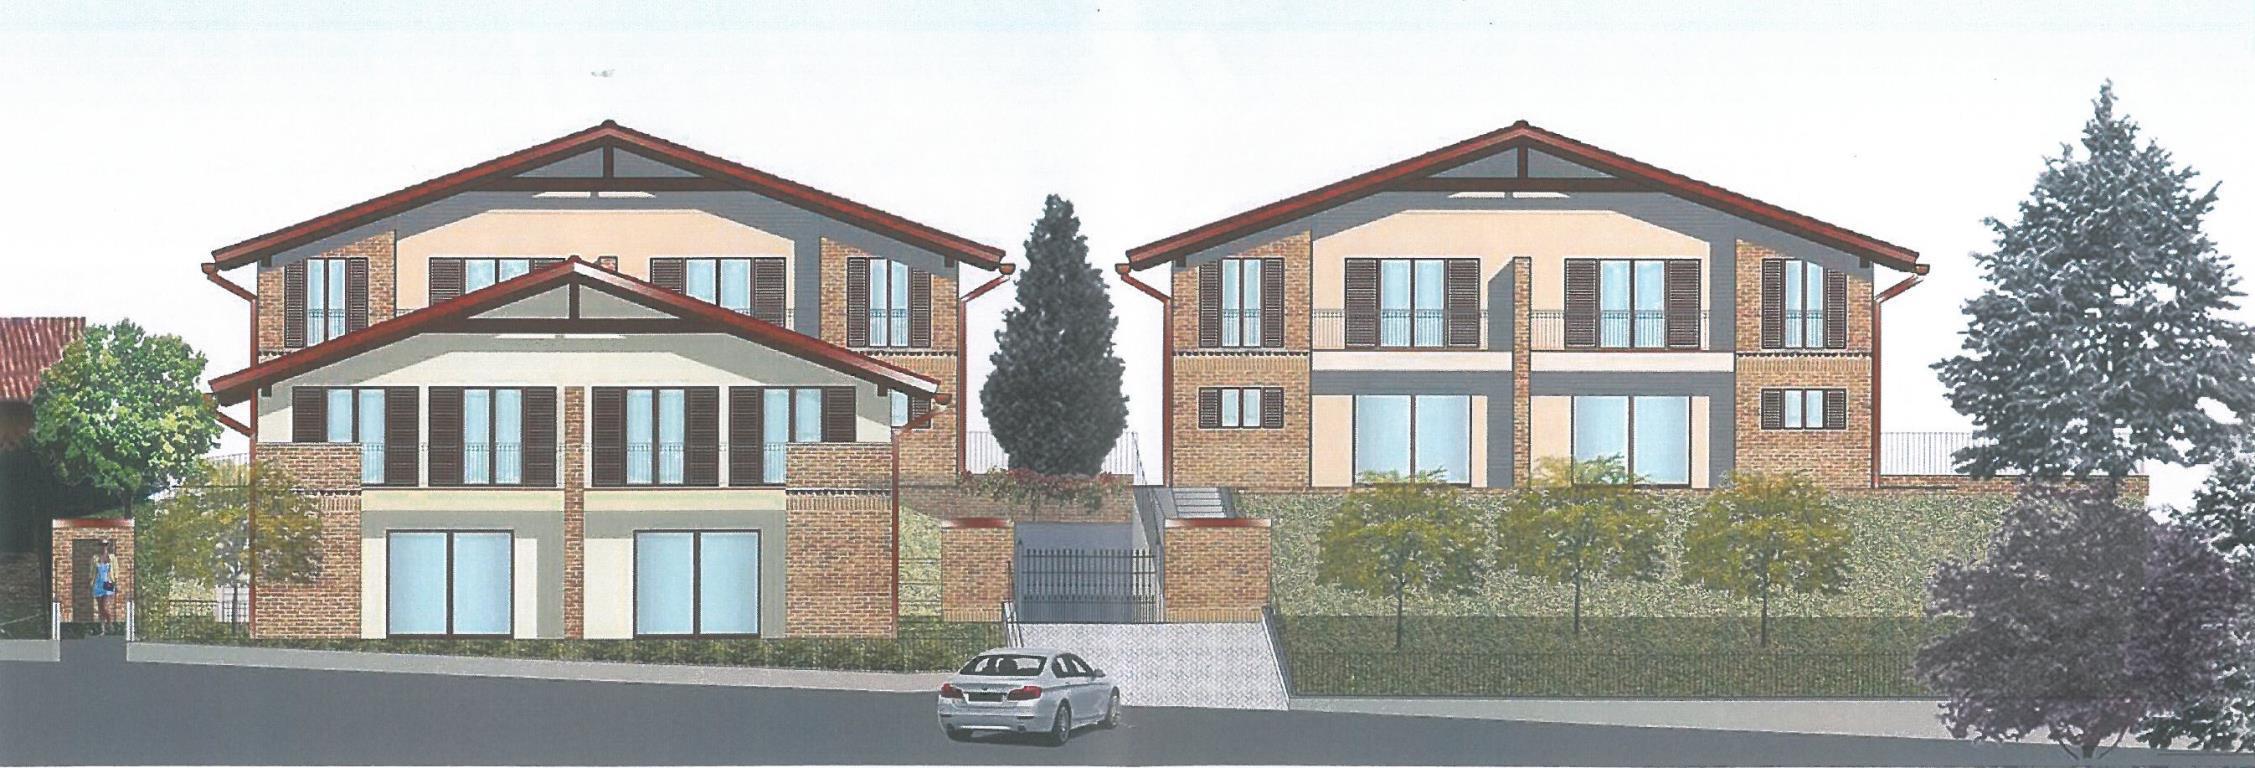 Villa in vendita a Casatenovo, 4 locali, prezzo € 310.000   CambioCasa.it